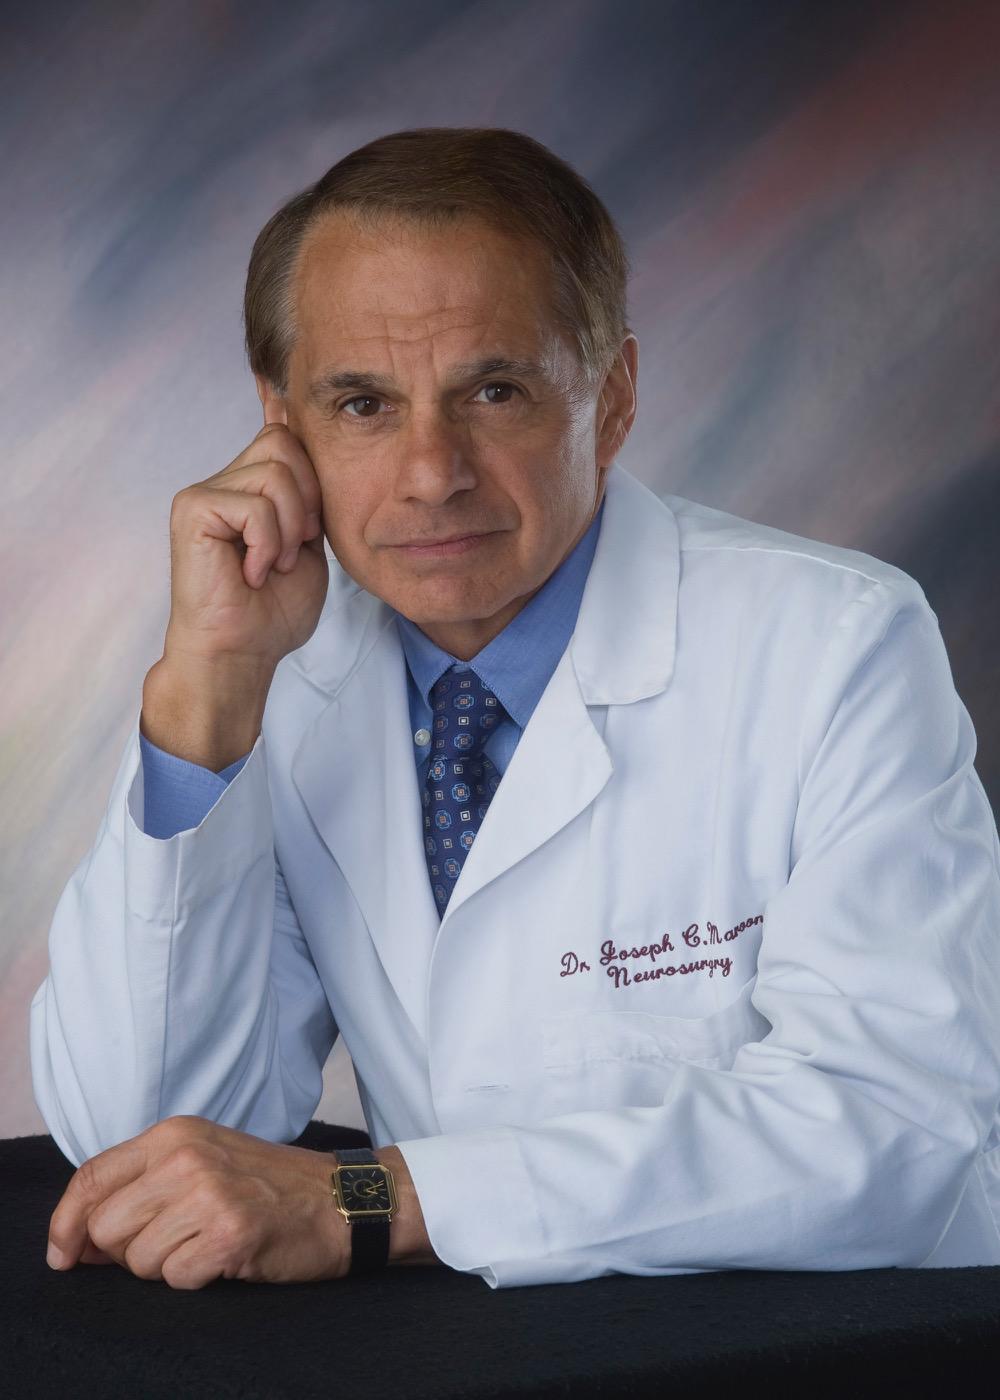 Dr. Joe MAroon